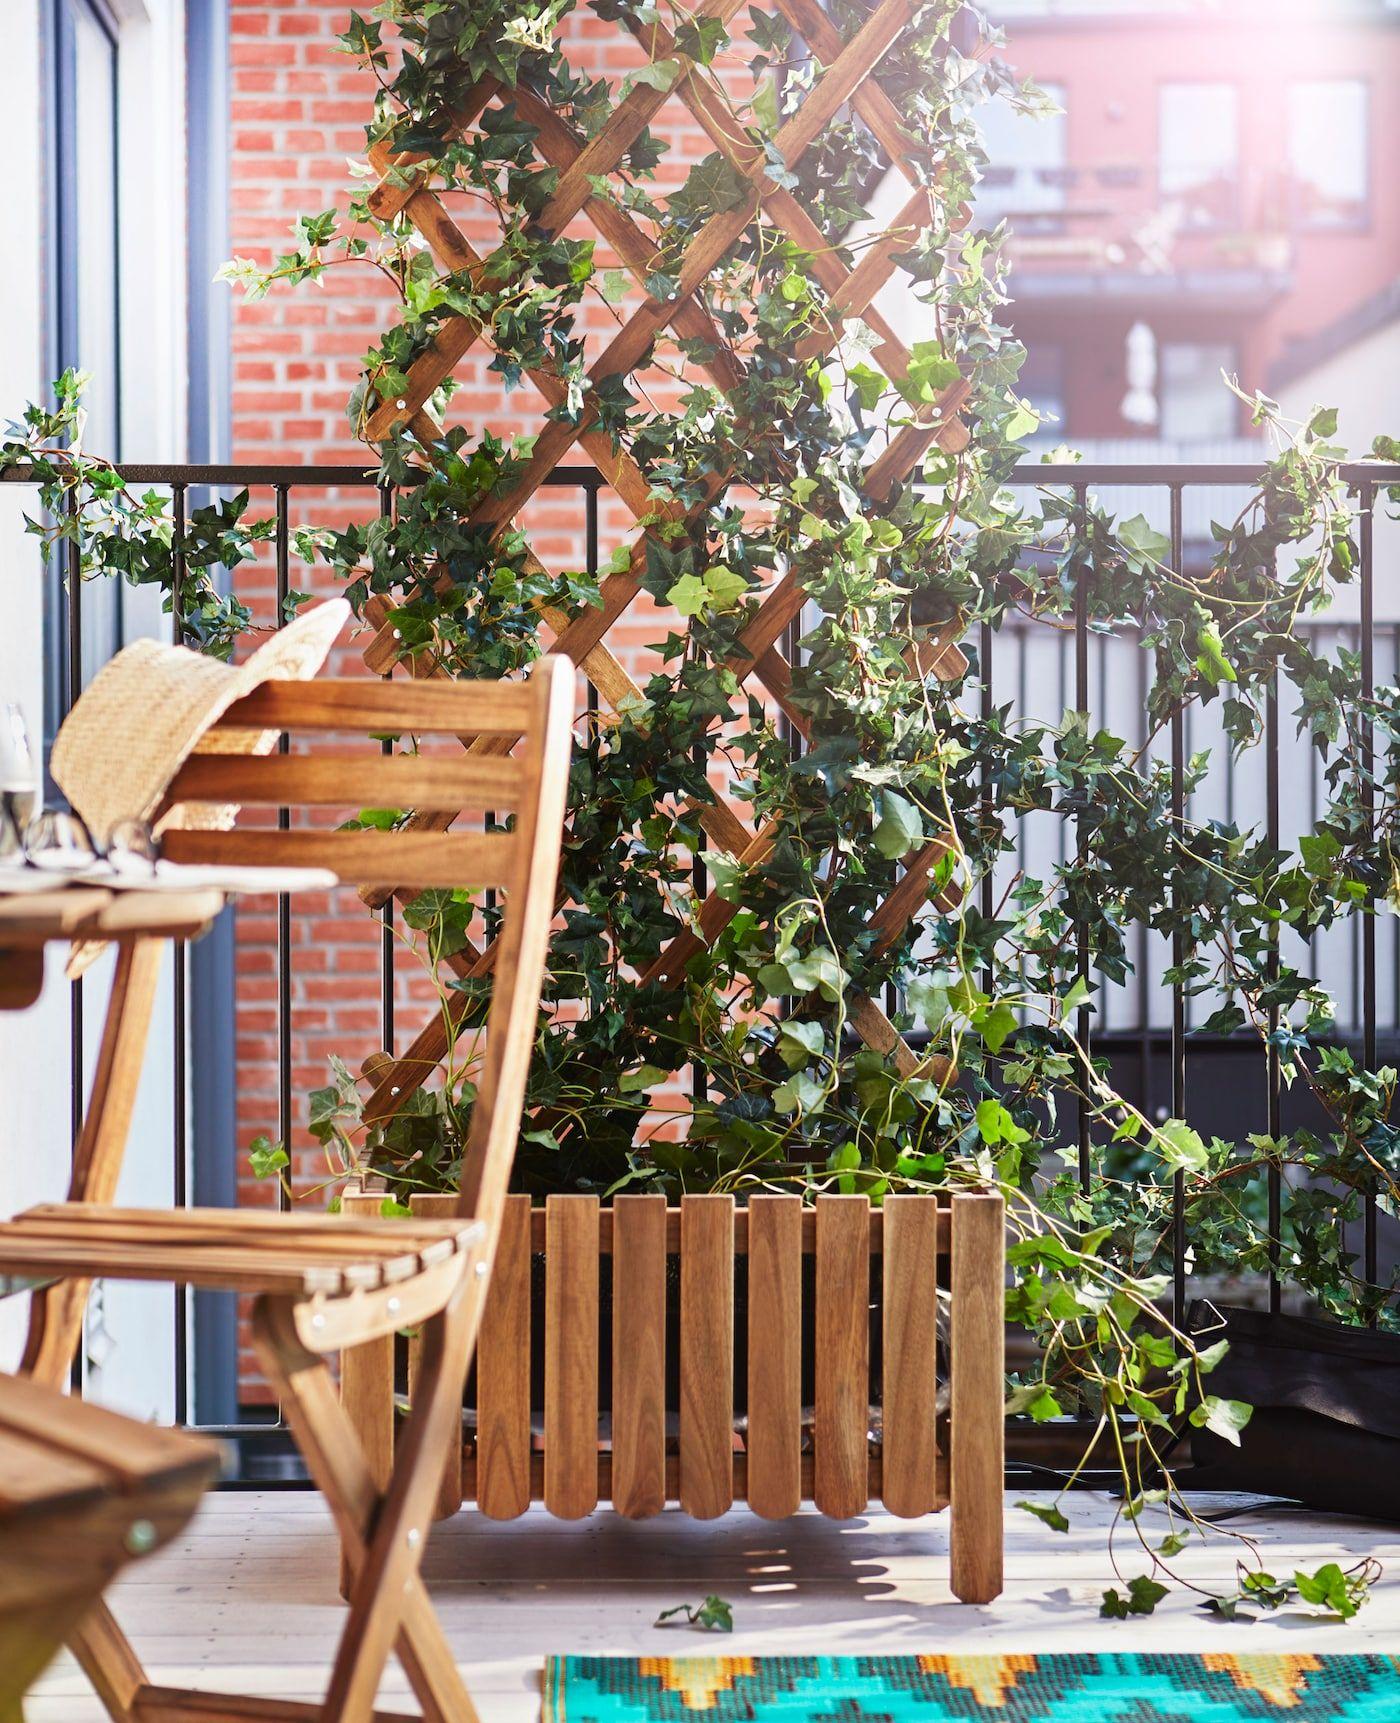 Balkon abschirmen: 3 tolle Ideen